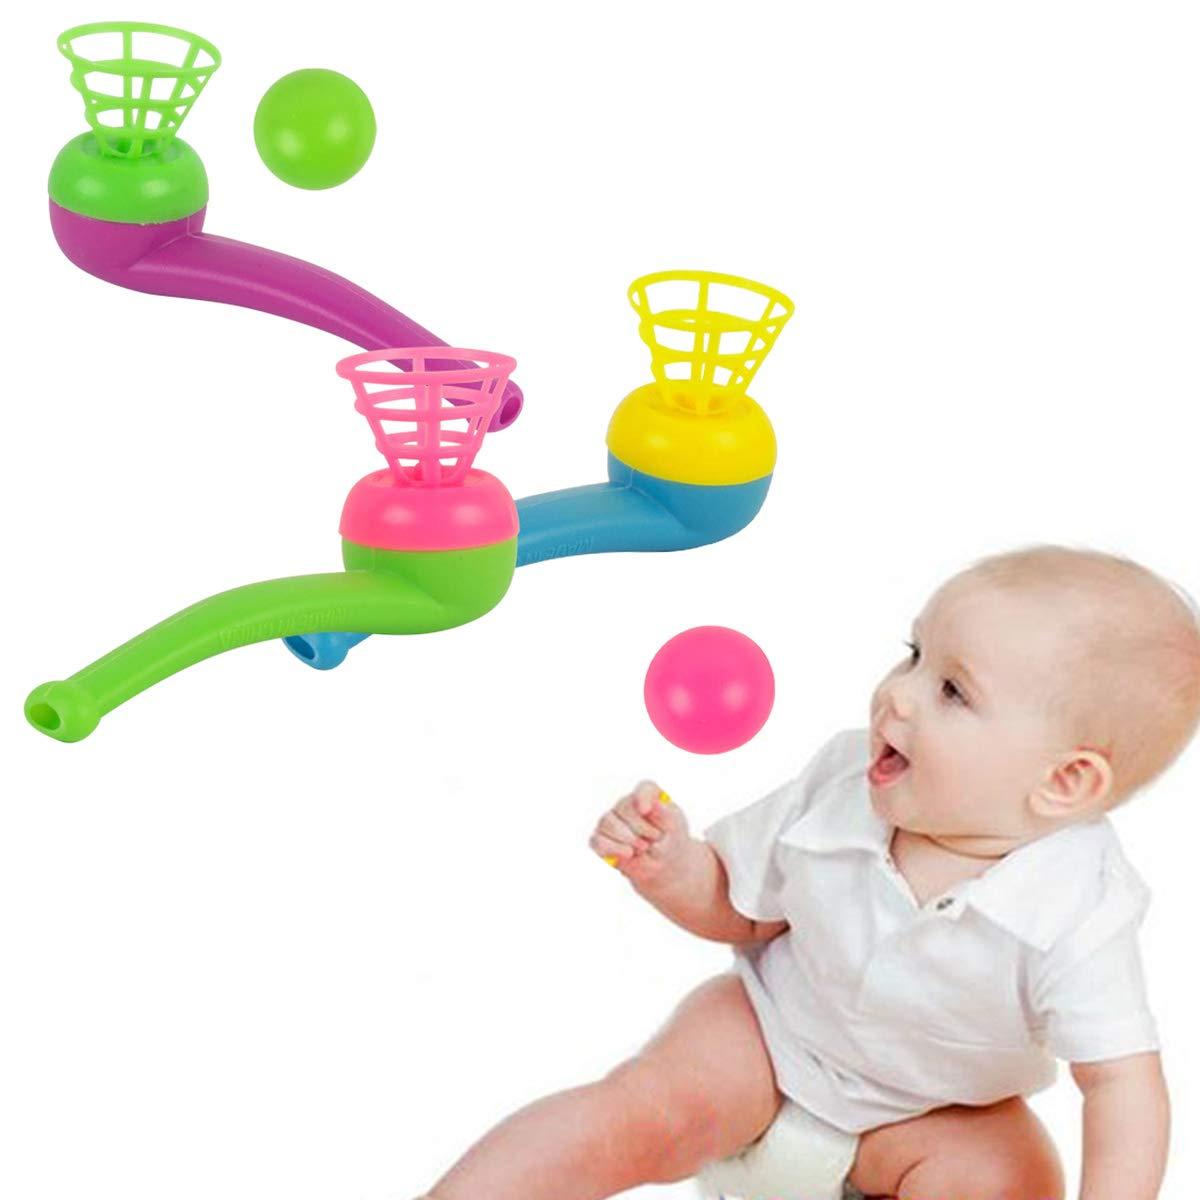 Toyvian Pipe Ball Toys 12 Pcs Plastique Ball Flottant Jouet Classique Nostalgie Suspension Air Soufflant Ball Party Party Pipe /à Souffler pour Enfants Gar/çons et Filles Couleur Al/éatoire